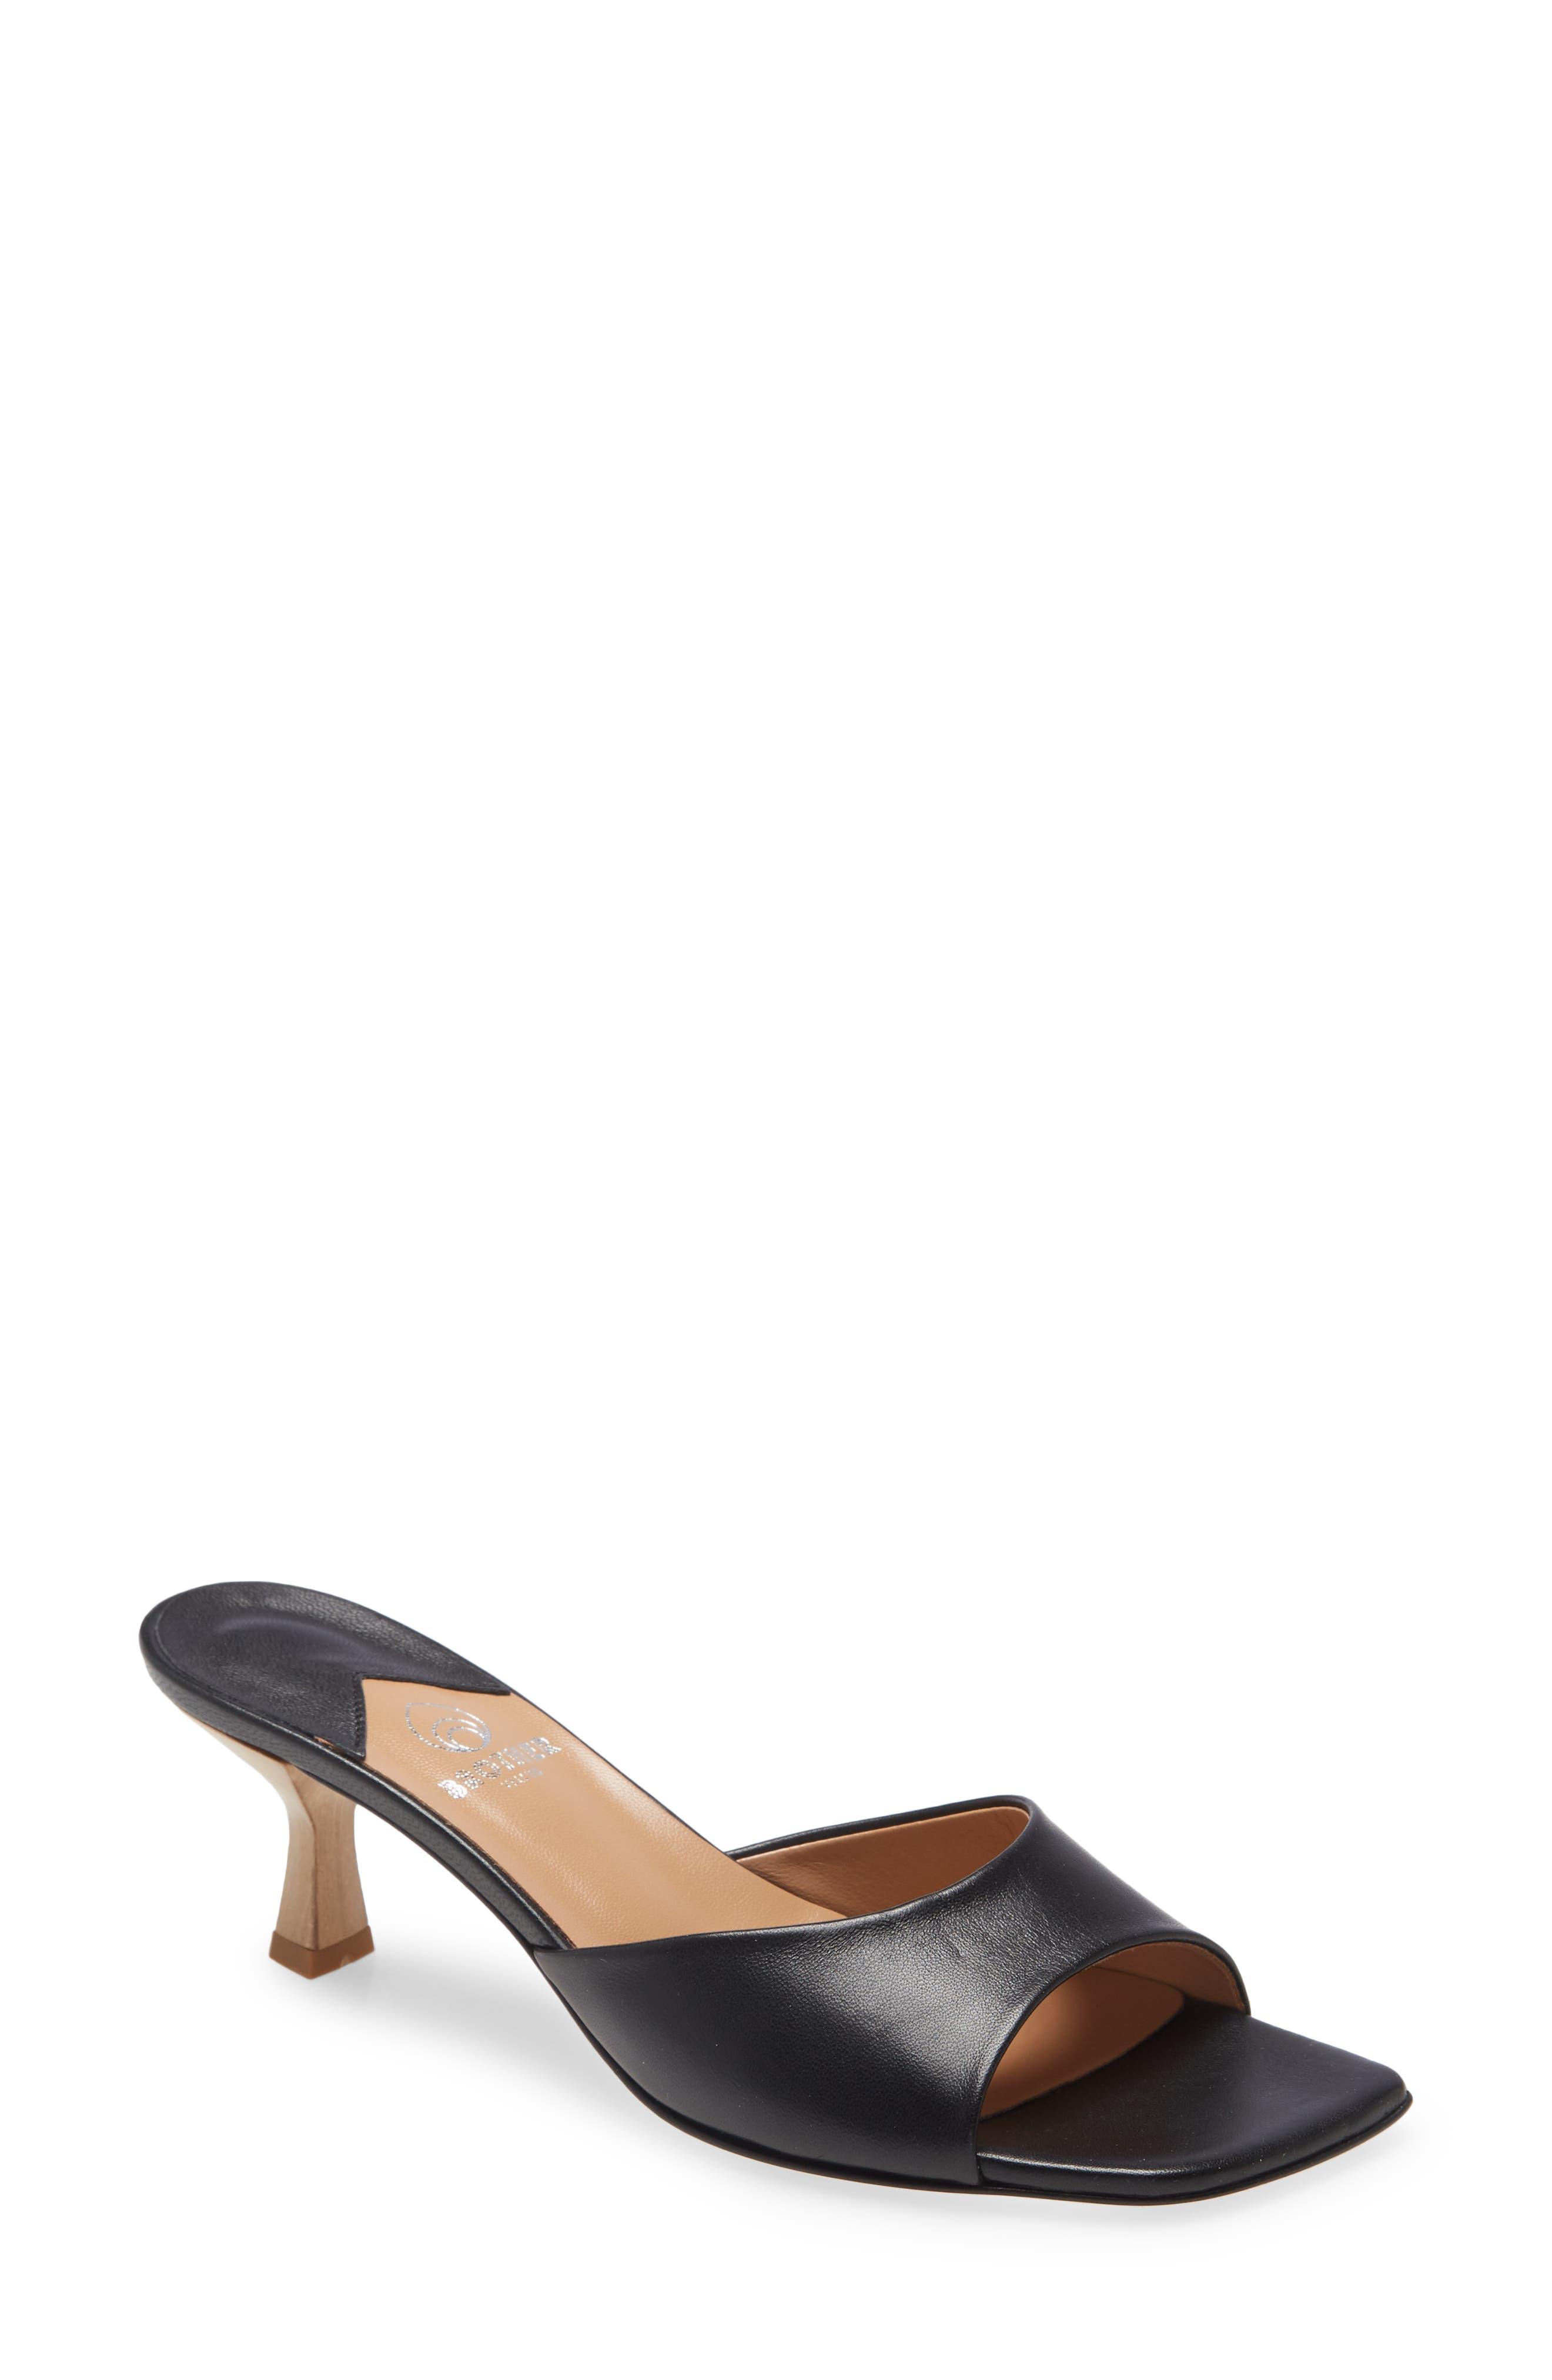 Tuesday Slide Sandal